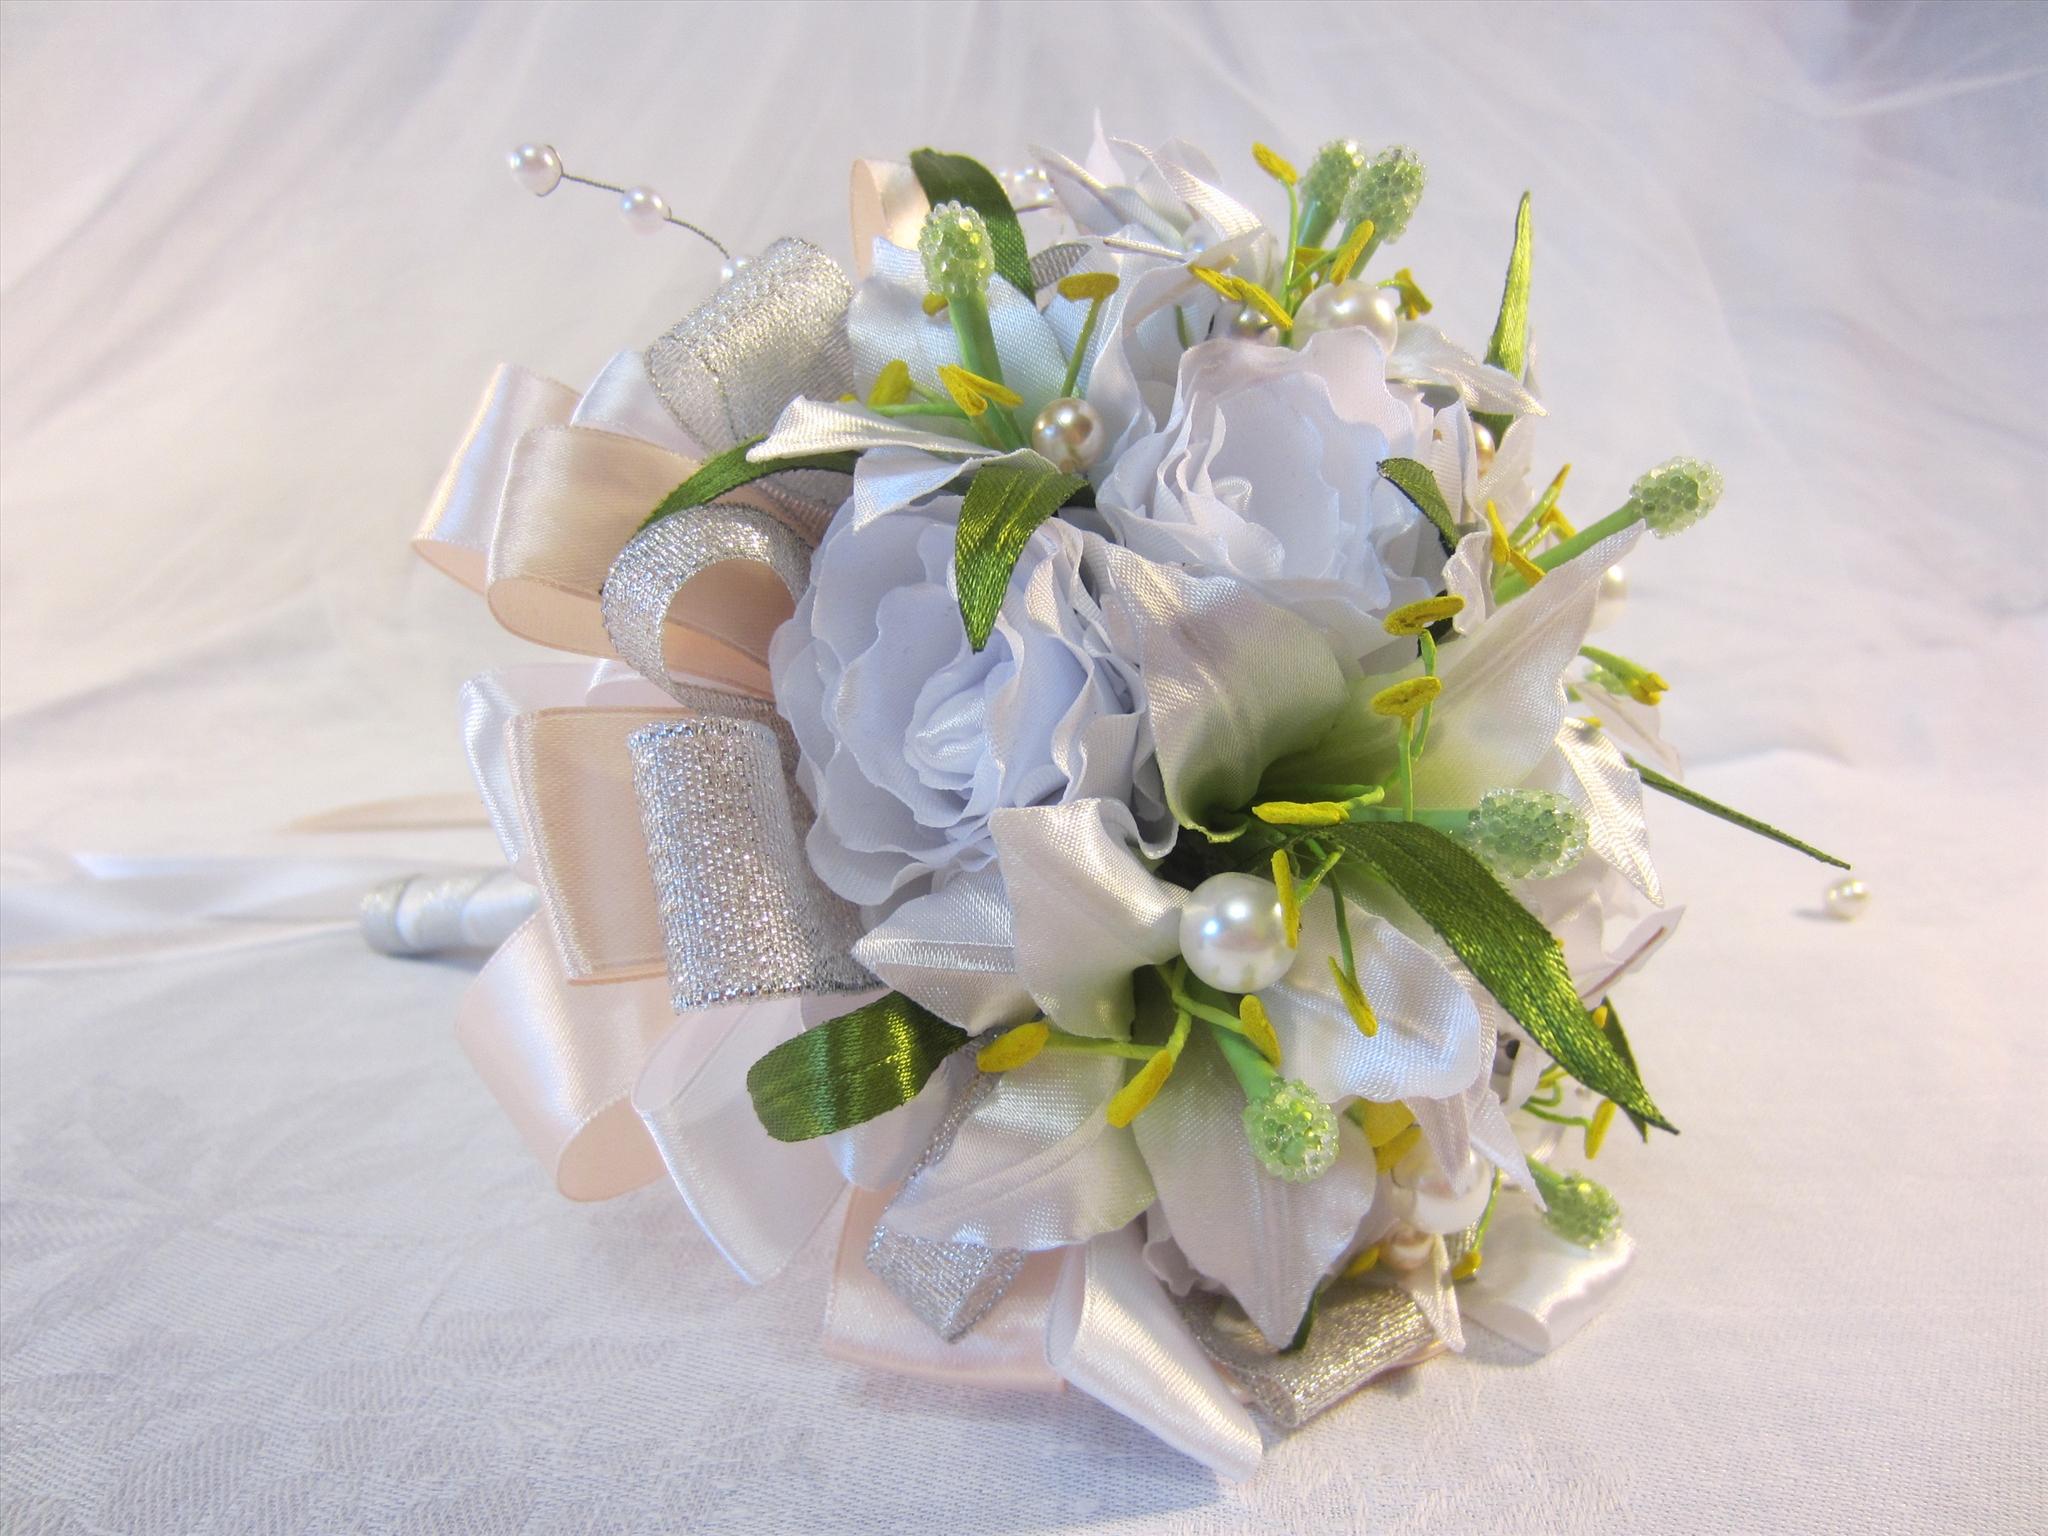 Пошаговое фото изготовления свадебных букетов